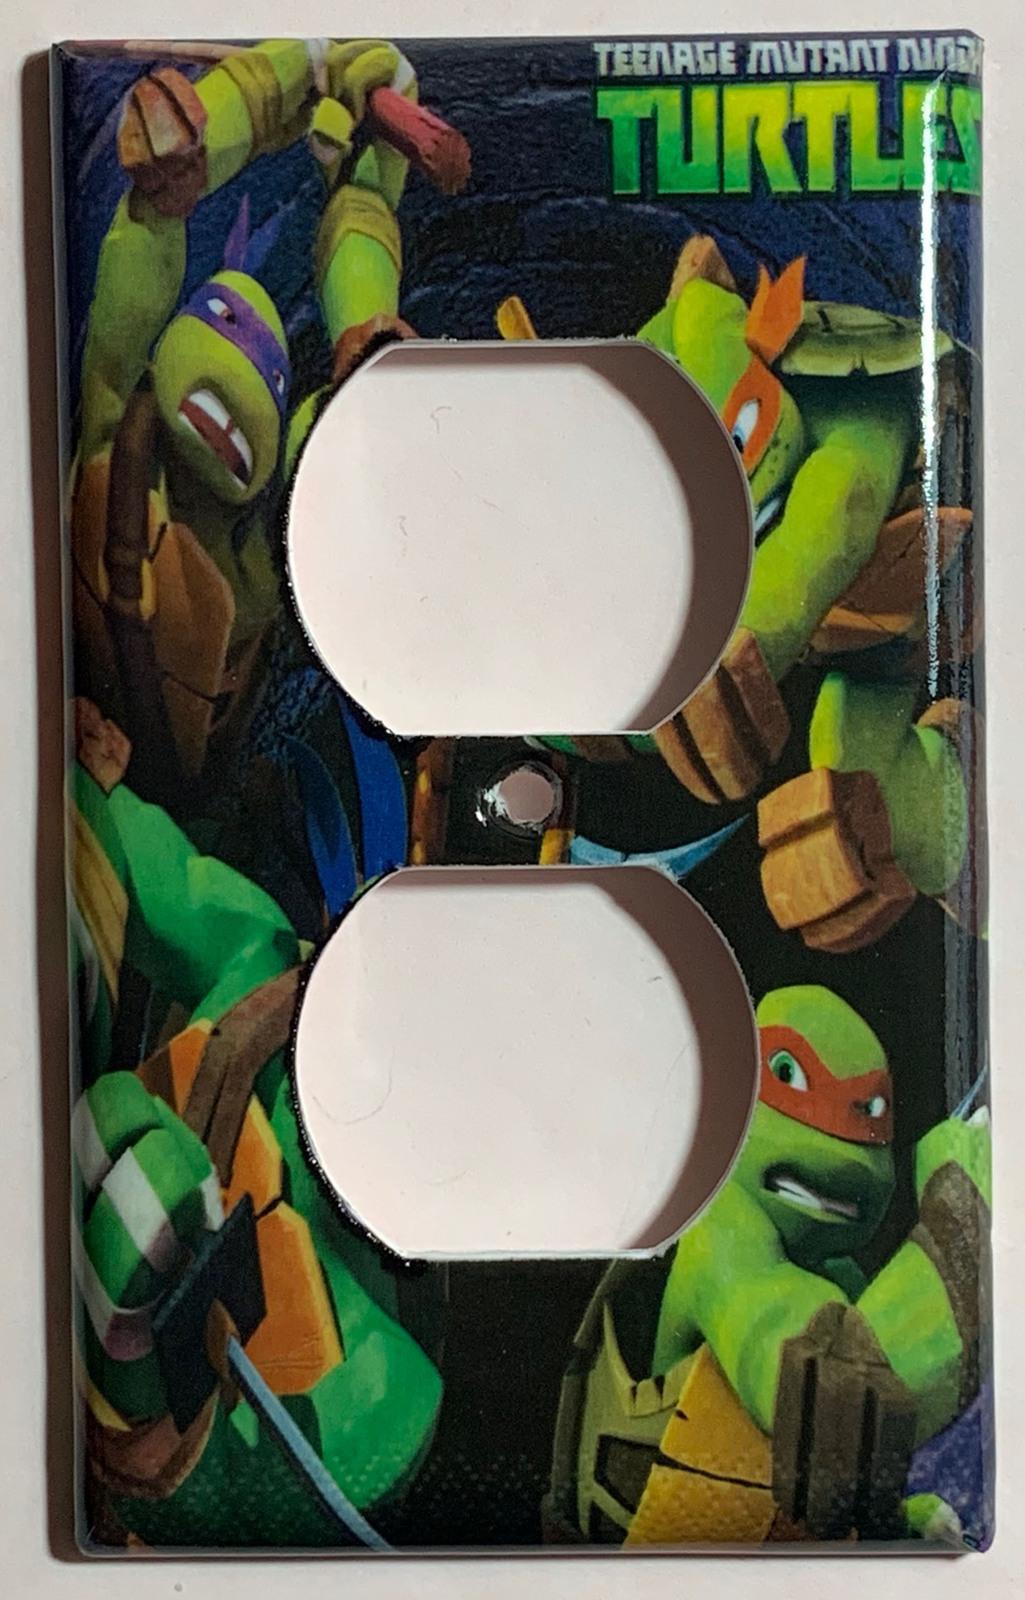 4 ninja turtles single outlet